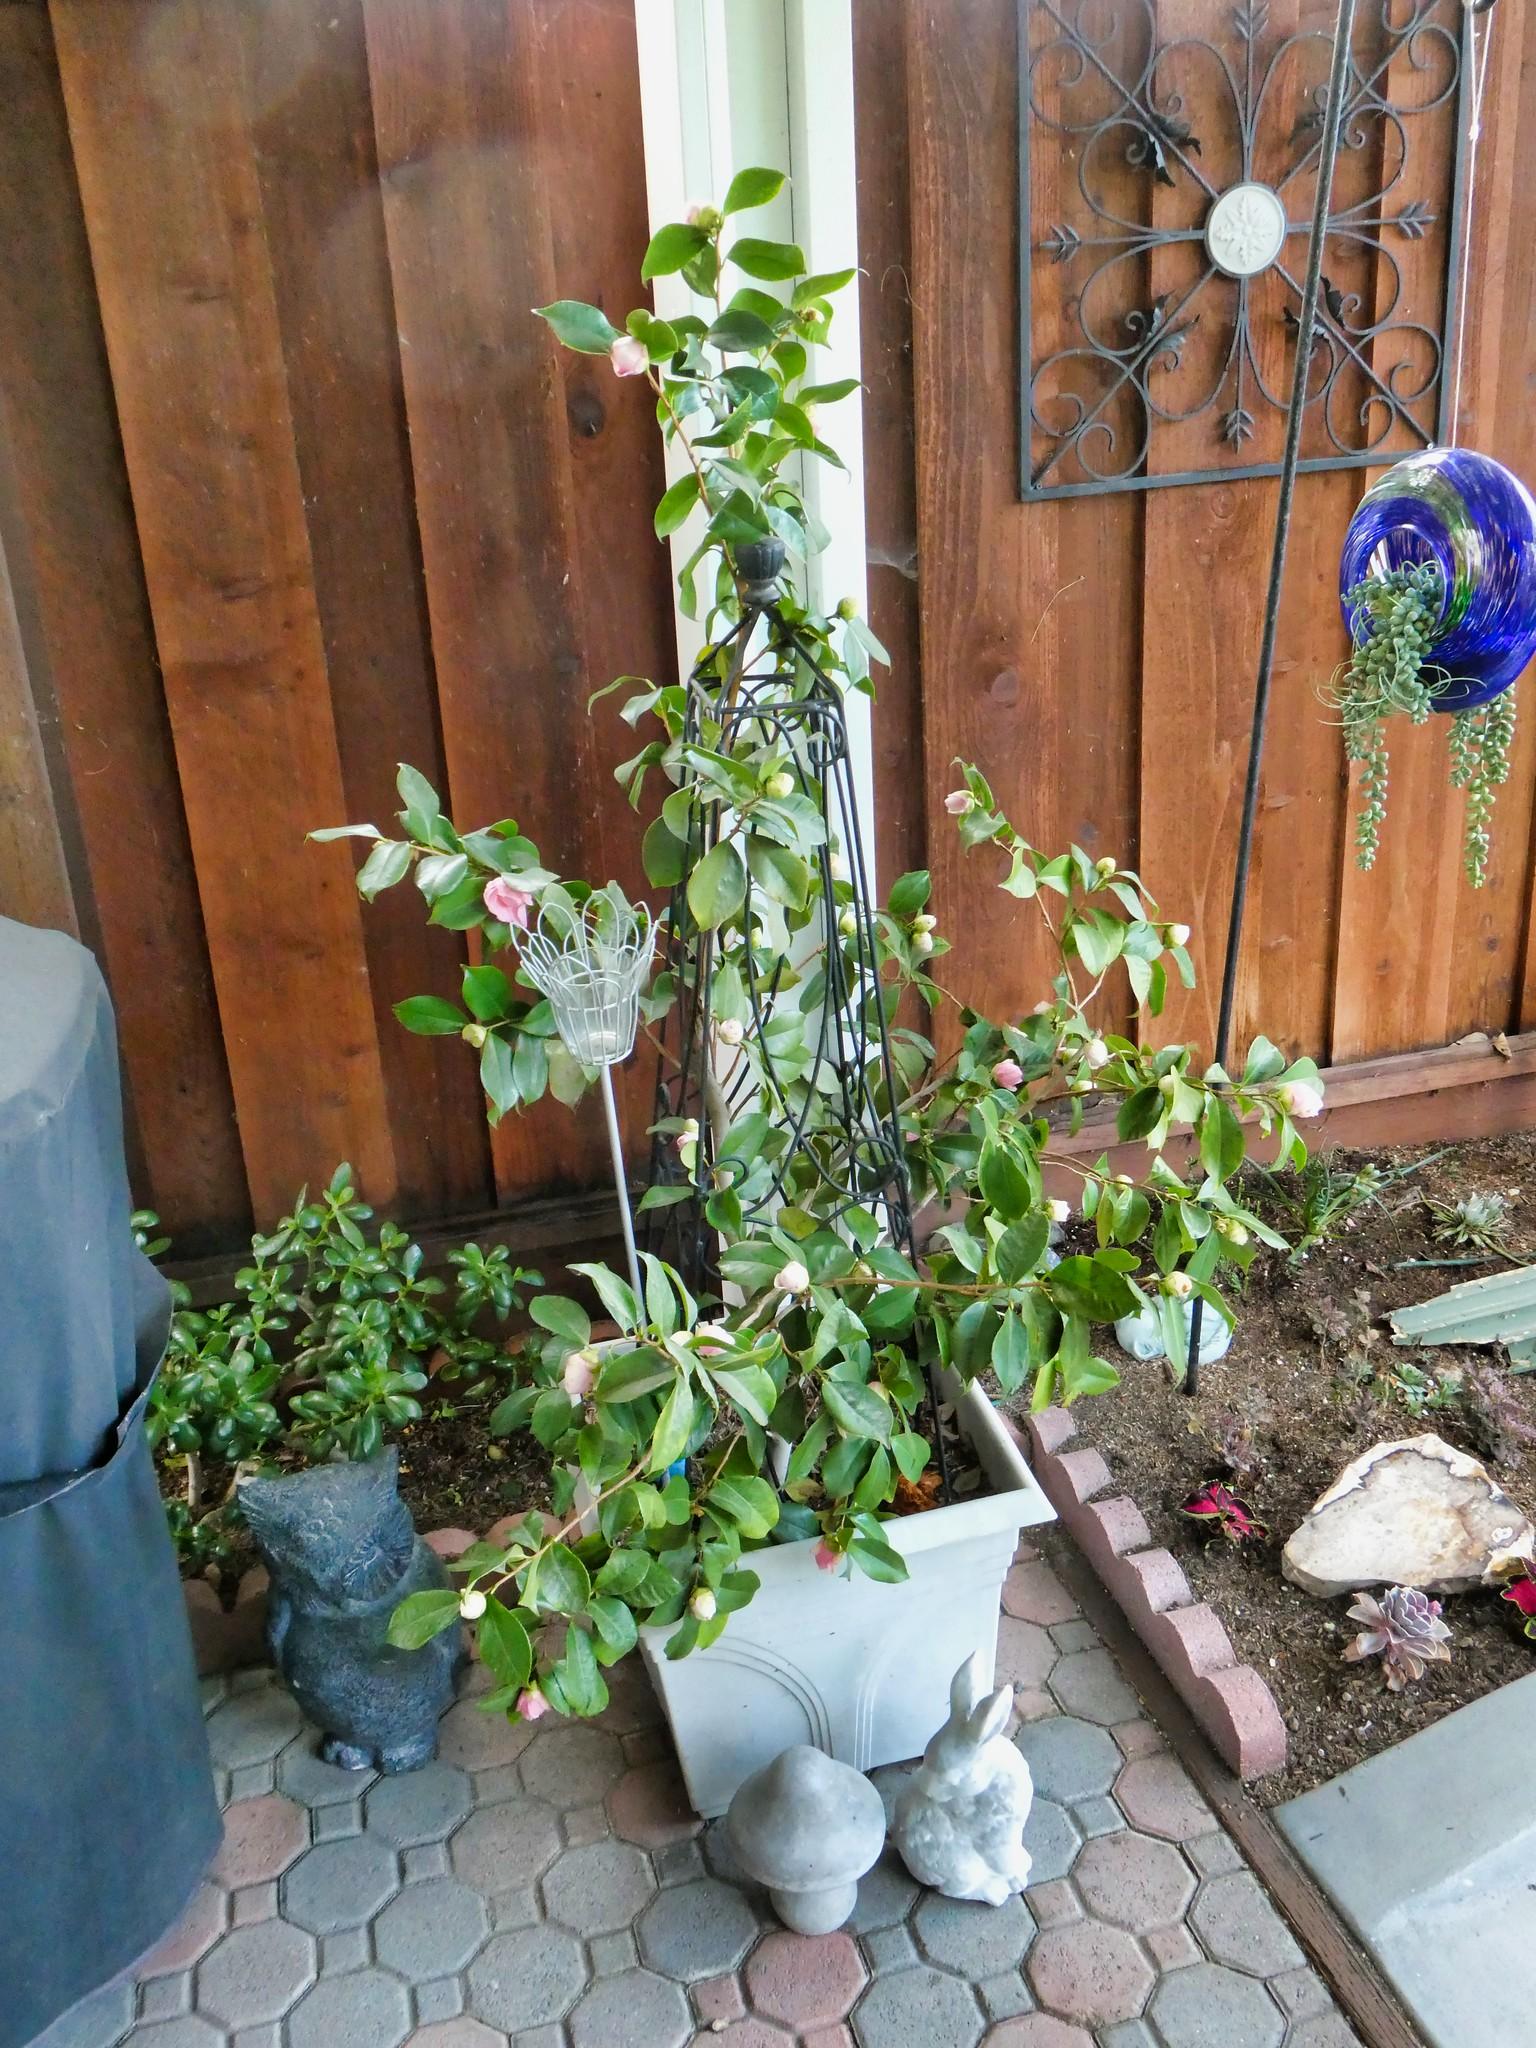 2019-04-02 - Landscape Photography - Garden - Flowers & Decorations